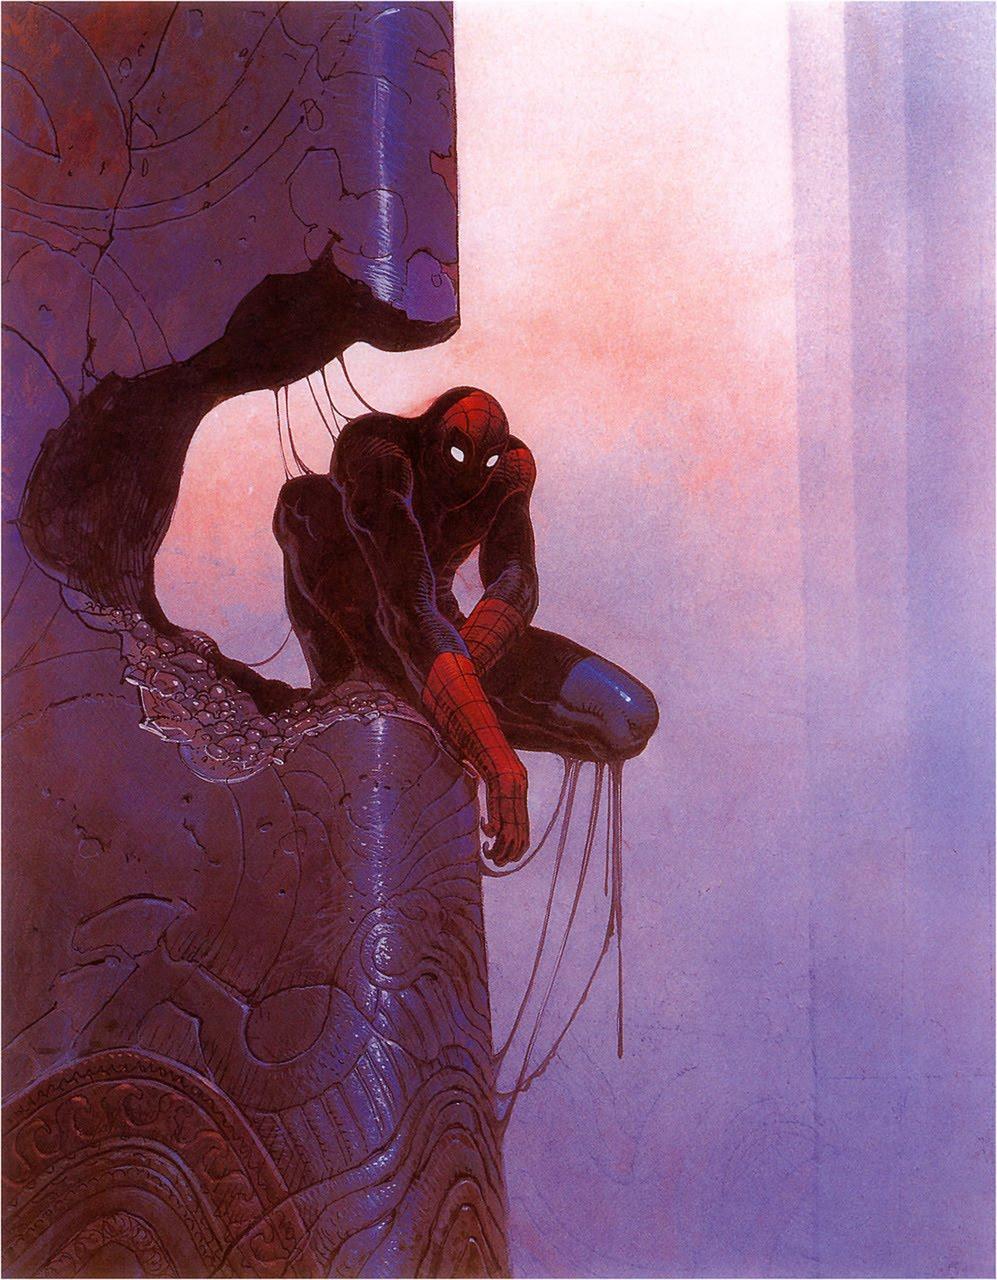 Galería de arte: Solo calidad 000moebius_+spider-man_+001